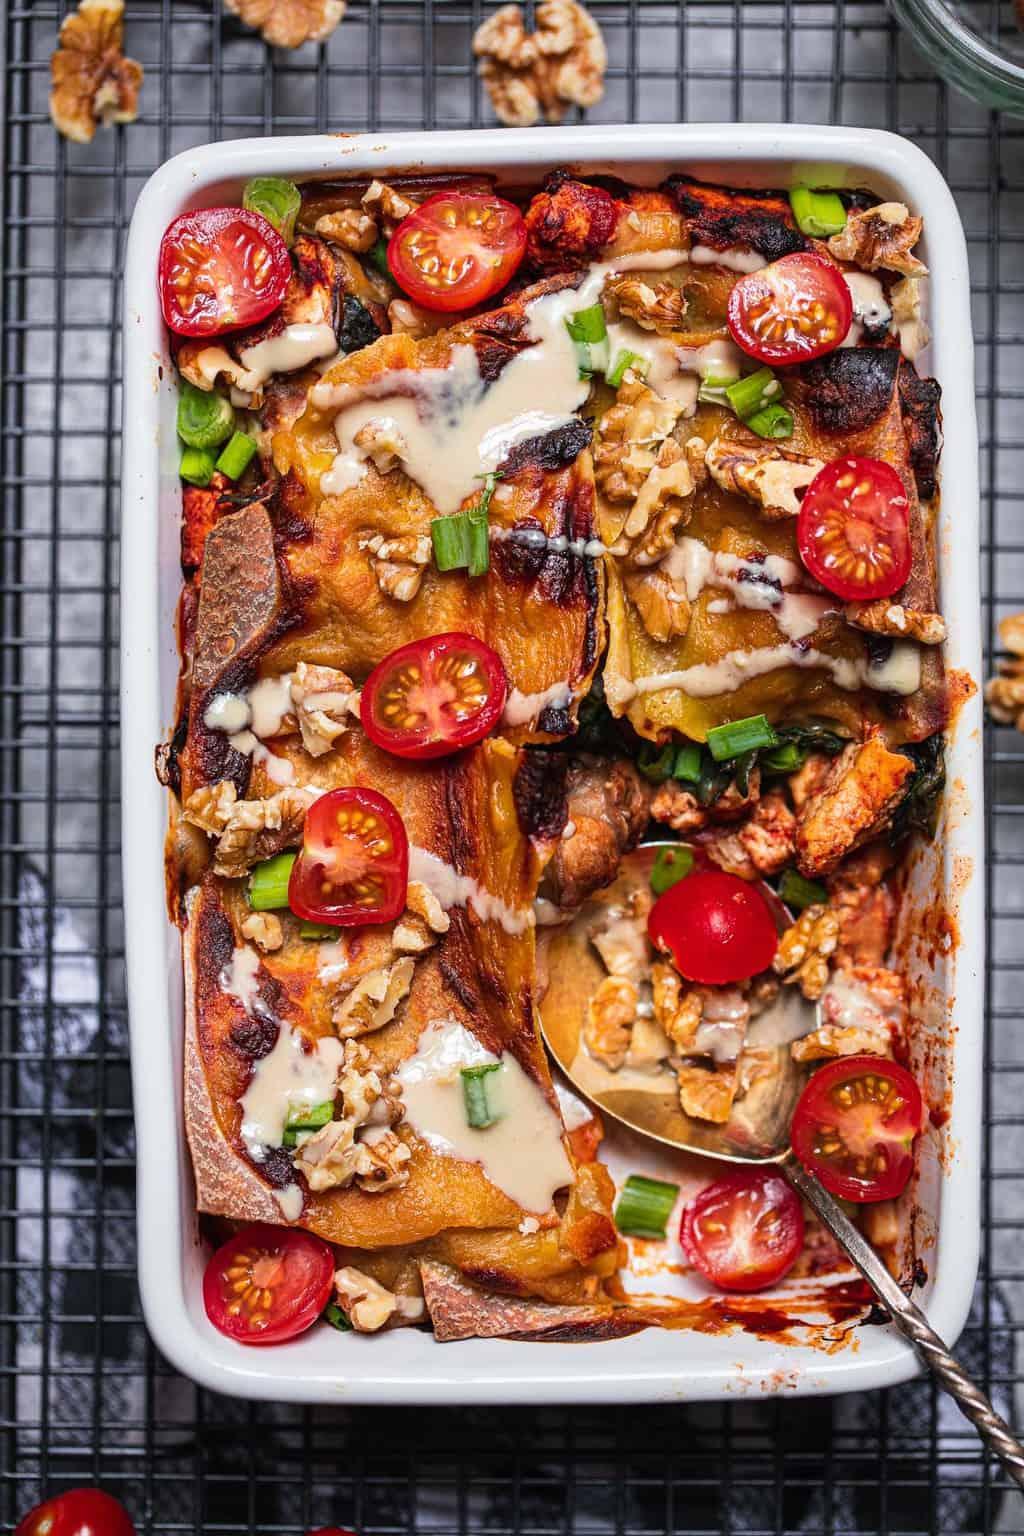 Dish of vegan tofu lasagna